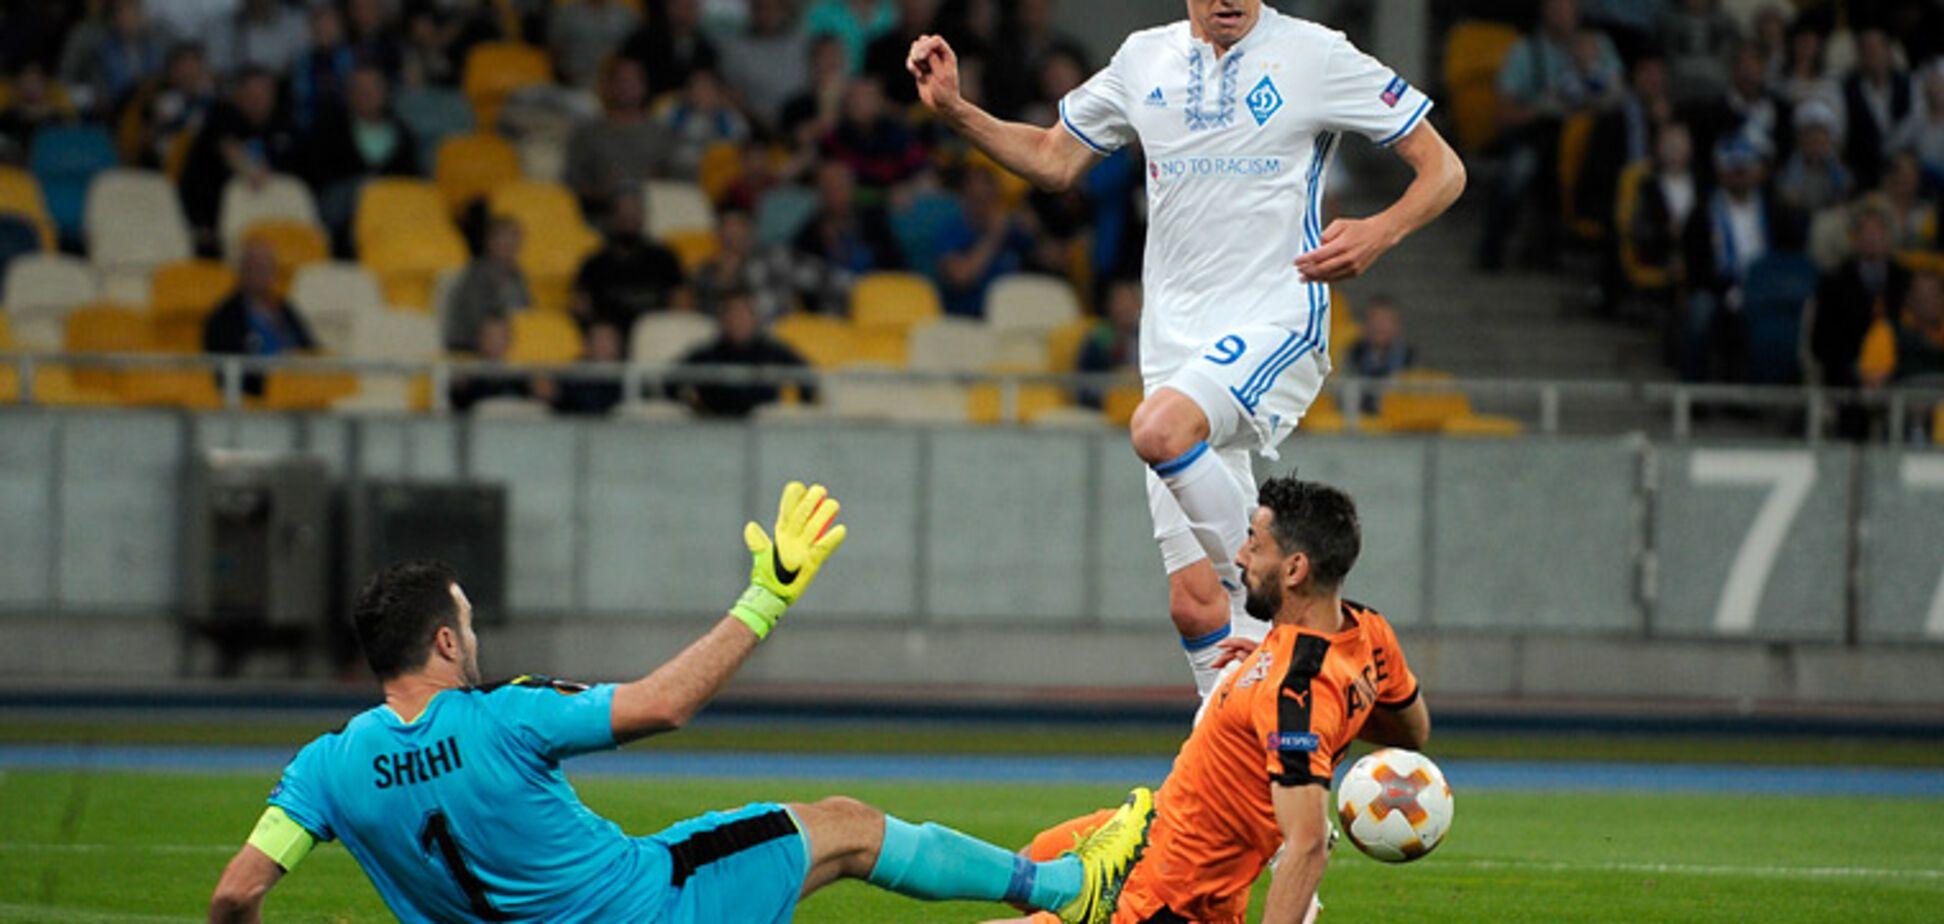 УЄФА виніс жорстке рішення перед матчем 'Динамо' в Лізі Європи